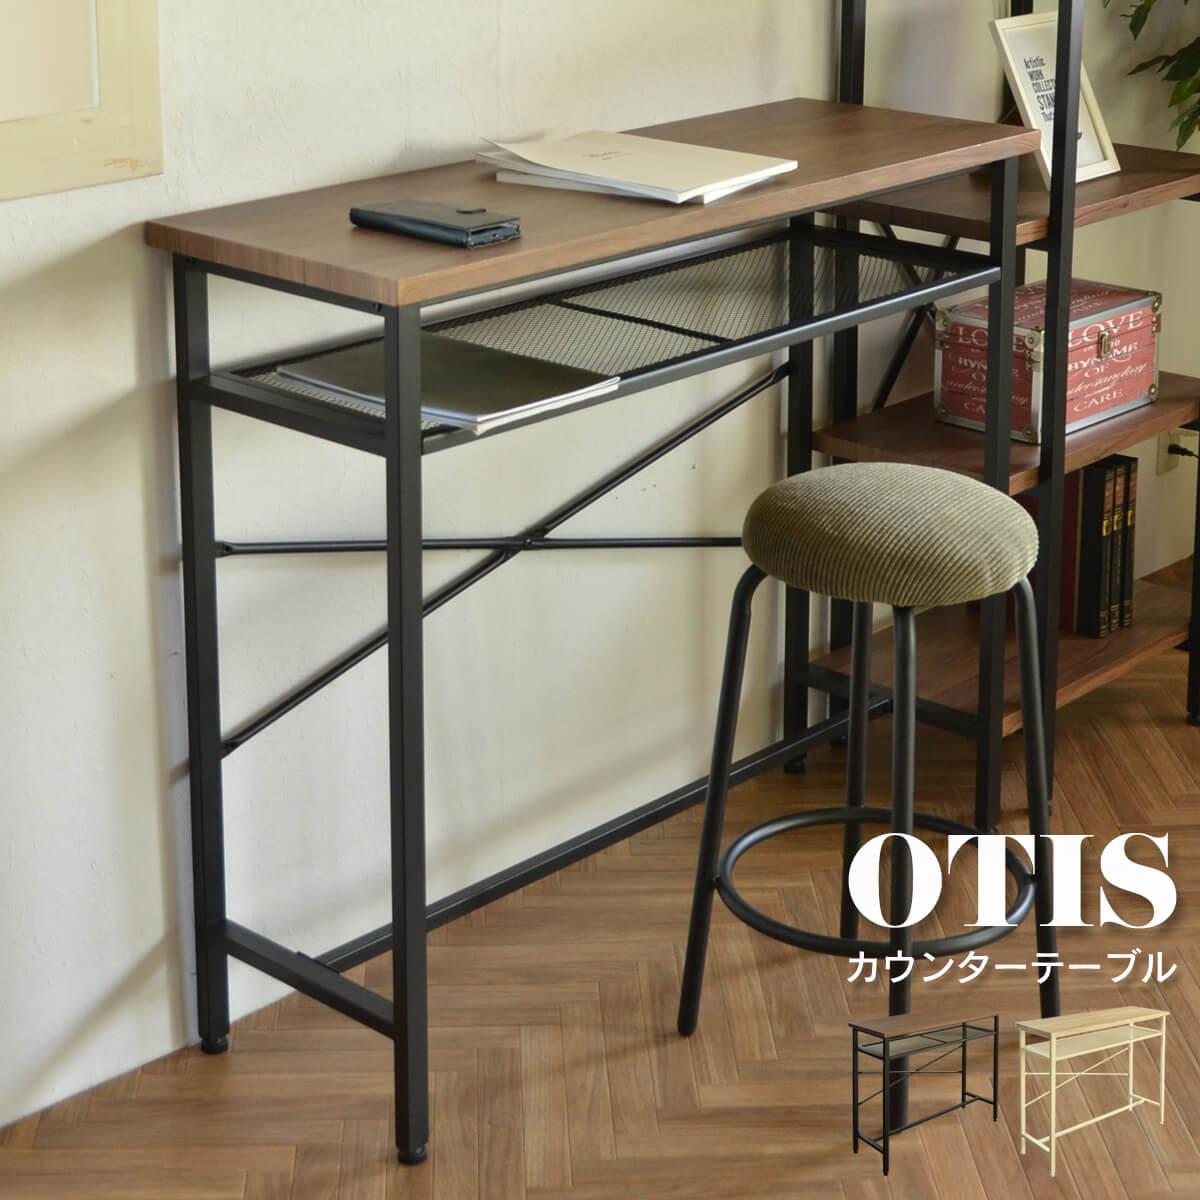 【送料無料】 OTIS オーティス カウンターテーブル 幅110 バーテーブル 長方形 アイアン リビング ダイニング おしゃれ デザイン カフェ OTHT-110